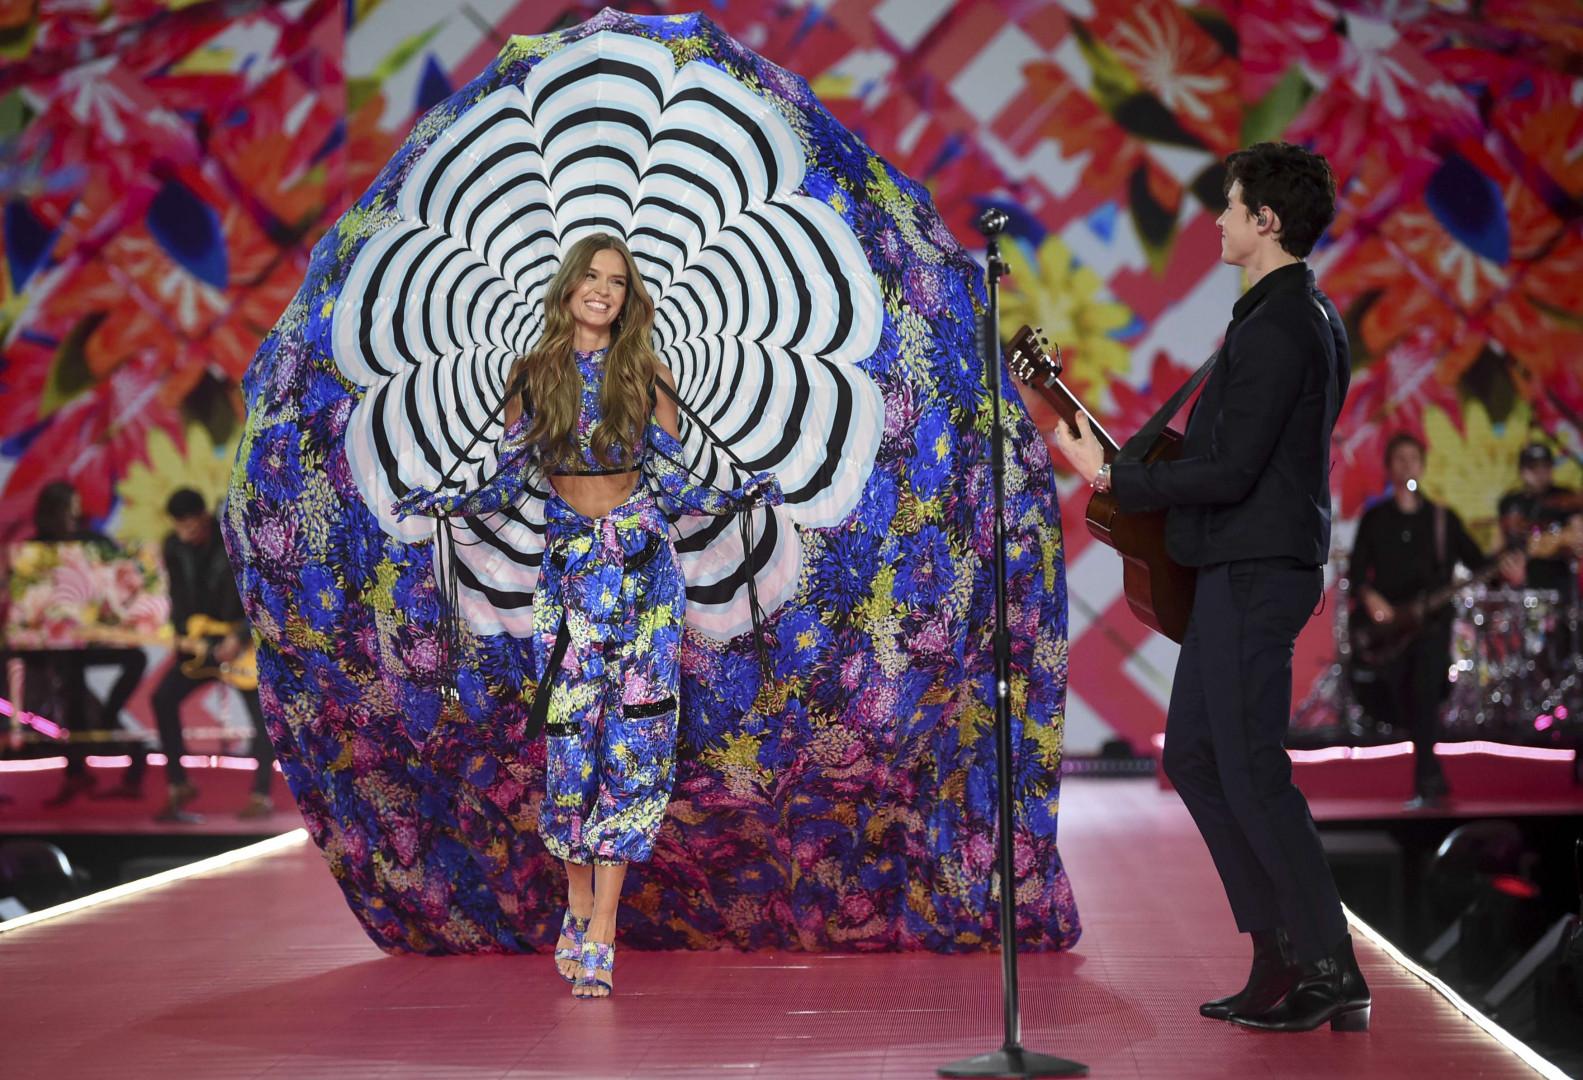 Le mannqeuin Josephine Skriver aux côtés du chanteur Shawn Mendes le jeudi 8 novembre à New York lors du défilé Victoria's Secret